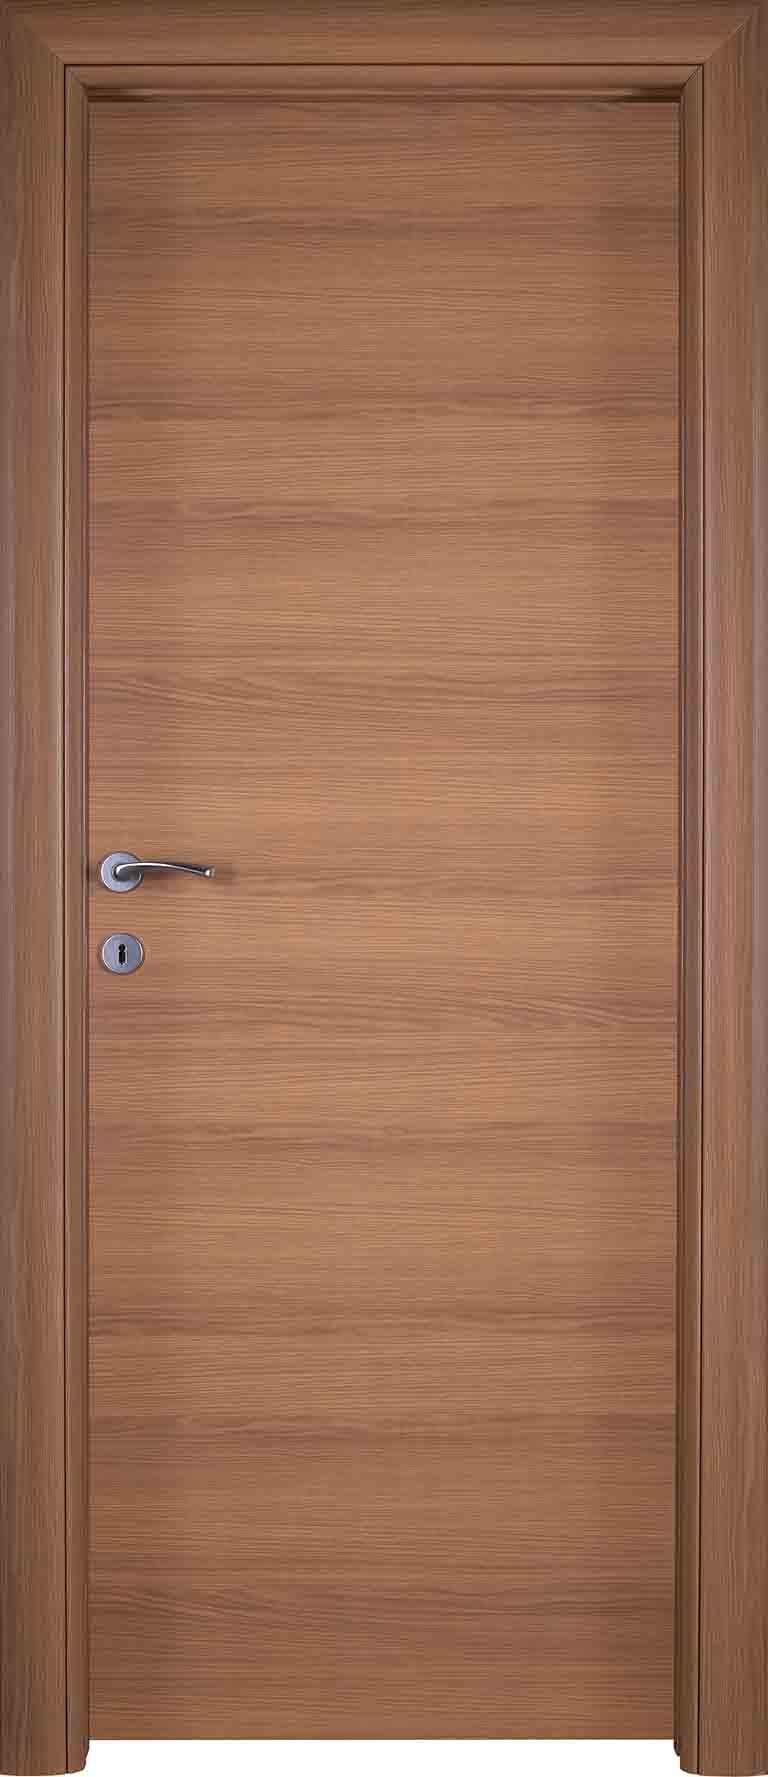 protuprovalna vrata forlux scijetli hrast